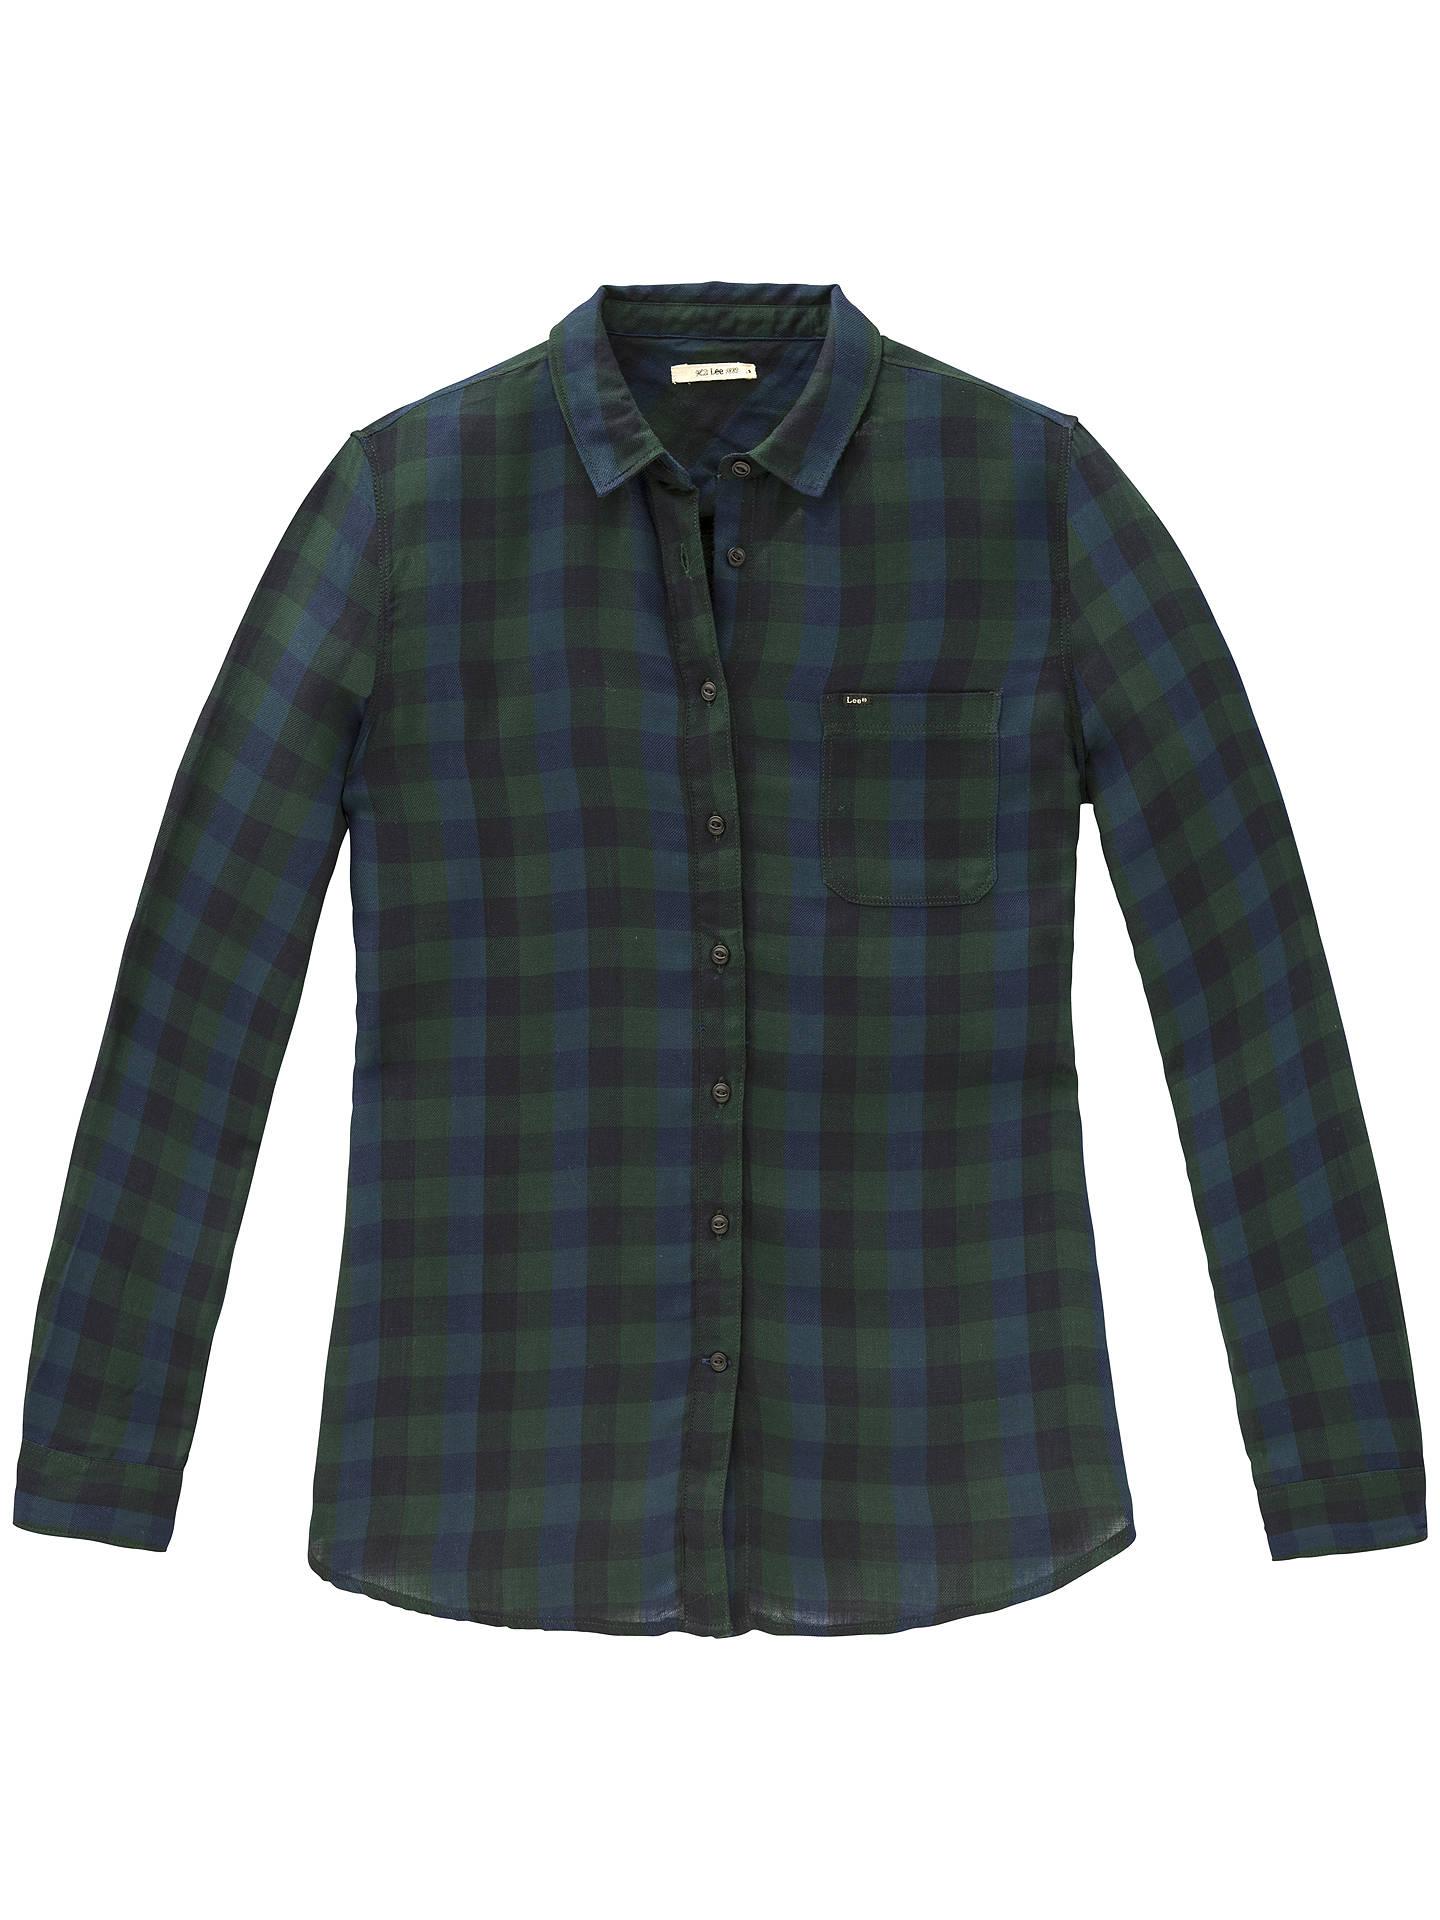 586af773332422 Lee One Pocket Check Shirt at John Lewis   Partners